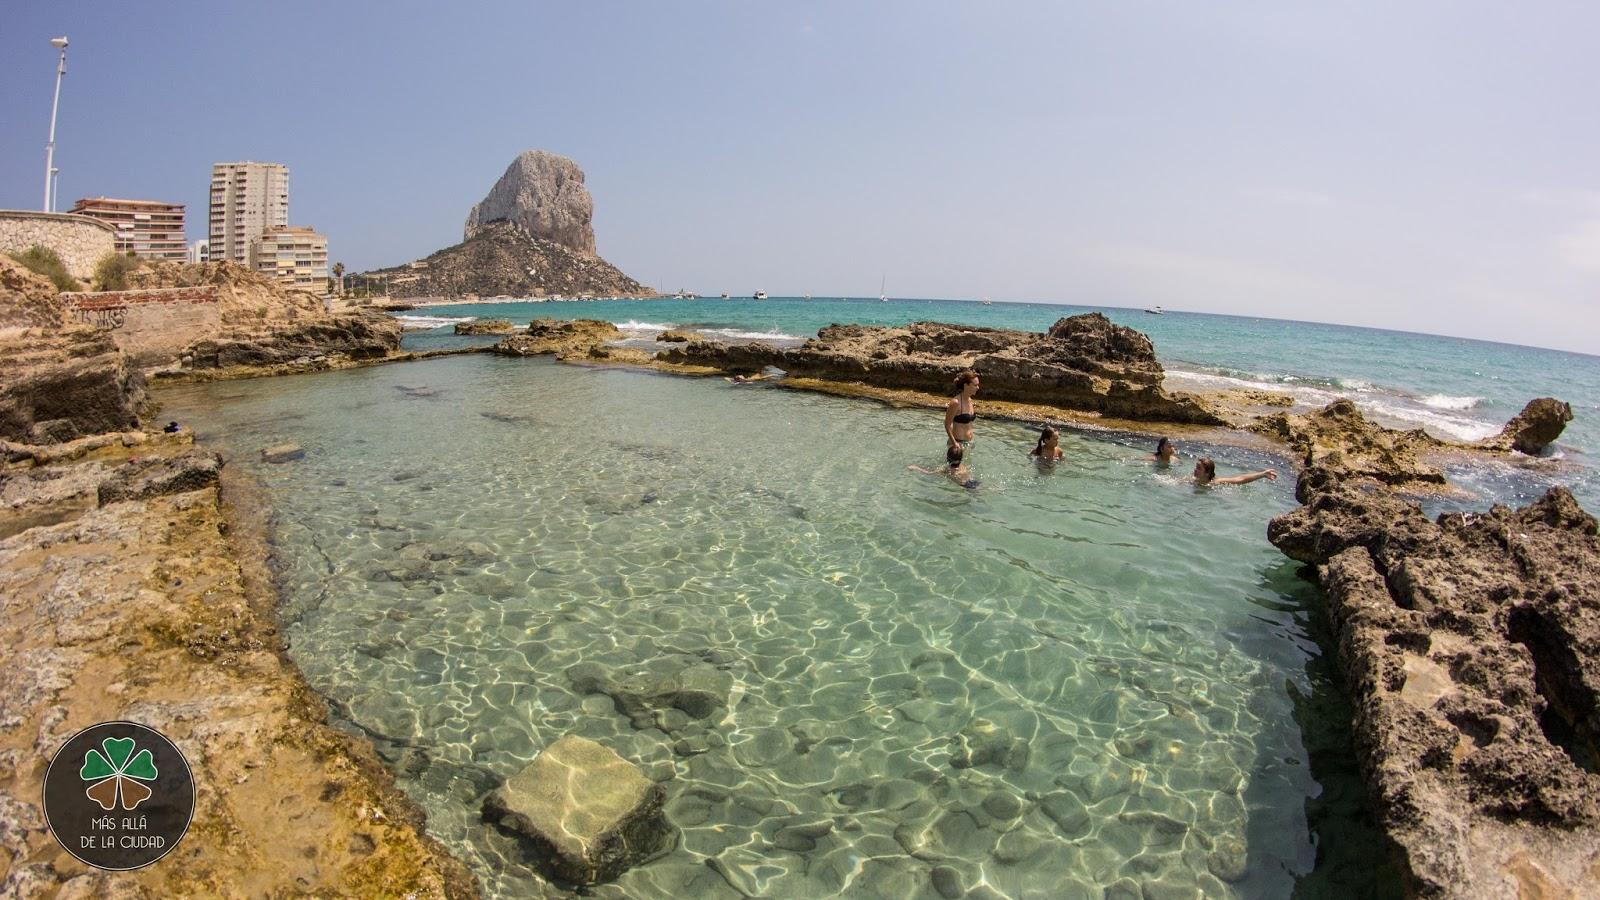 Las Mejores Calas Para Hacer Snorkel En Alicante 2020